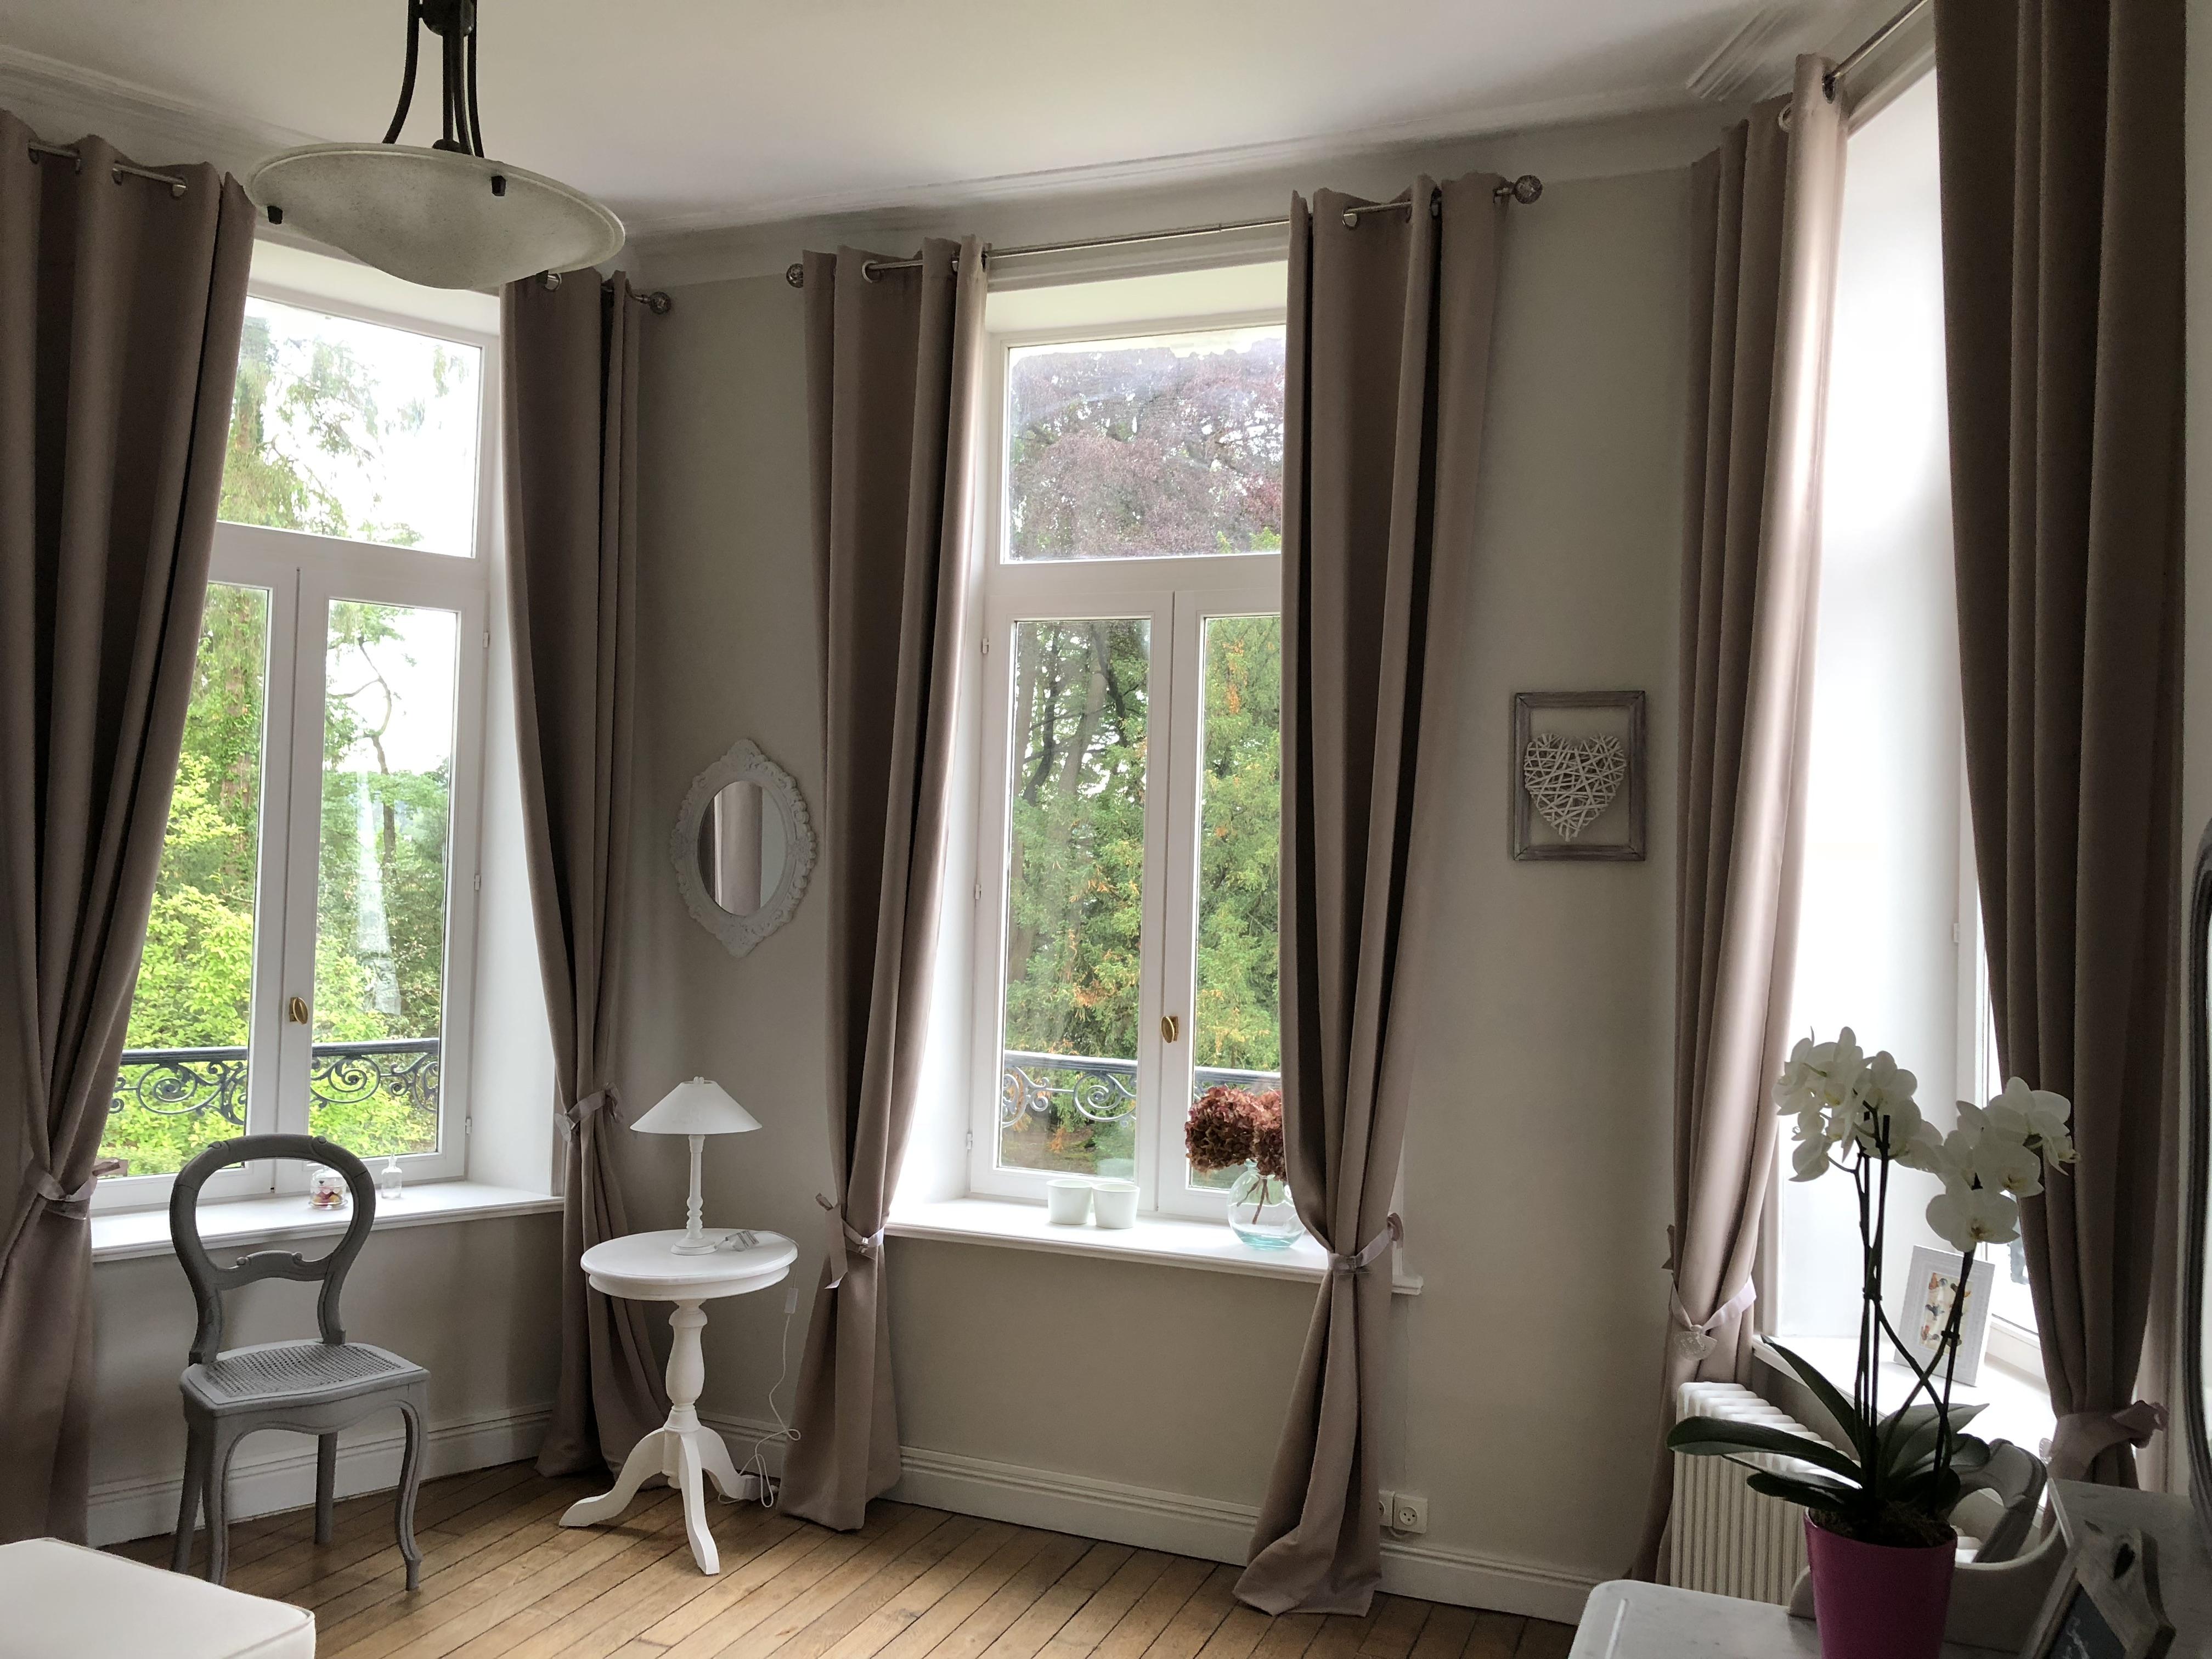 Chambres D'Hôtes Des Rouets Fourmies | Sud-Avesnois Tourisme dedans Chambre D Hotes Maintenon